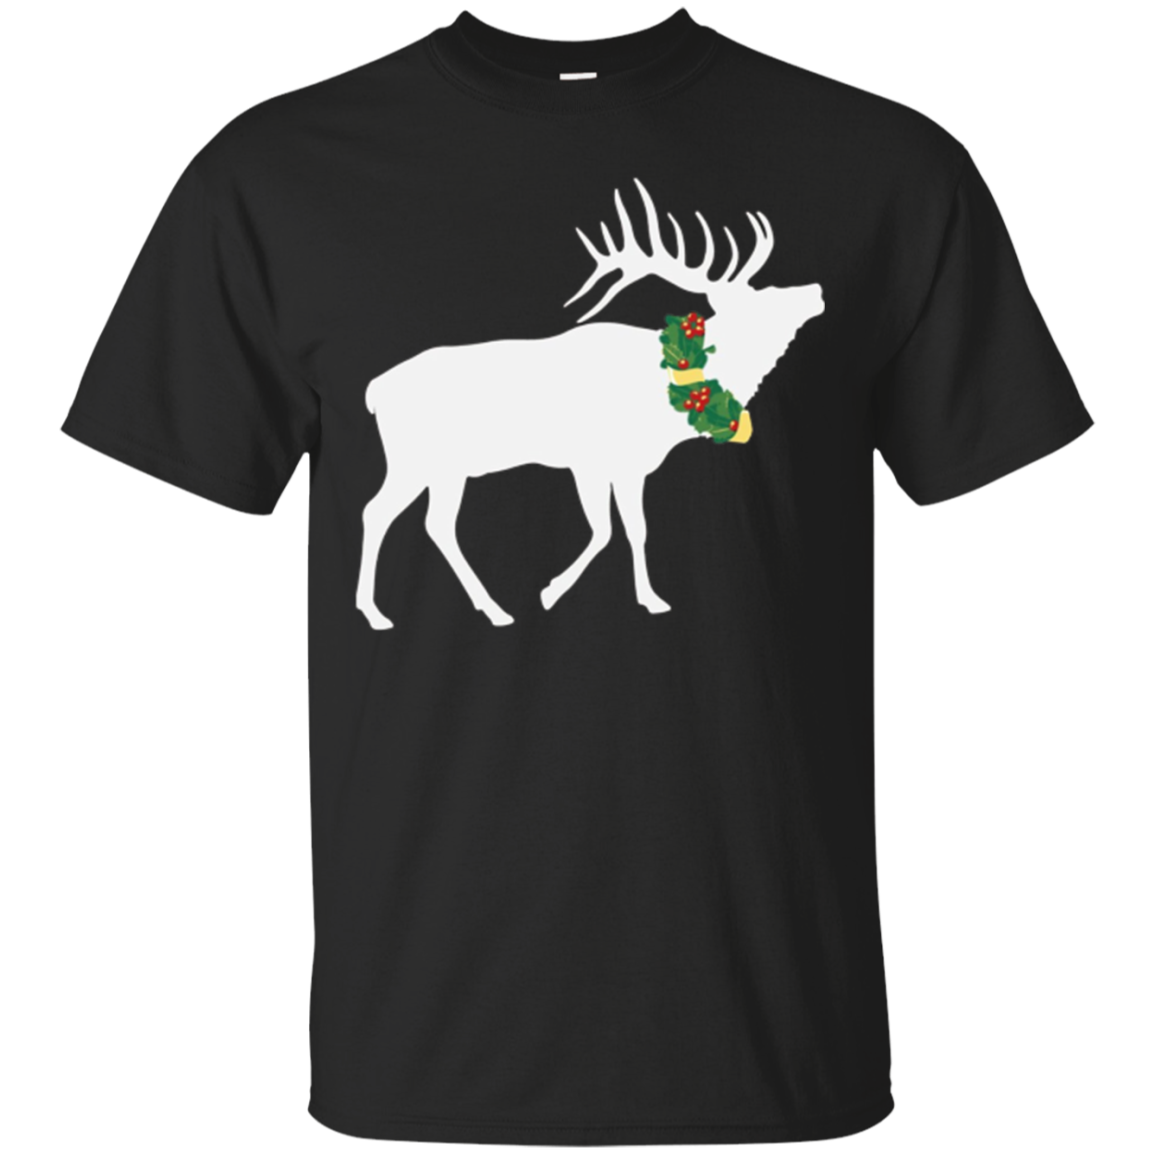 Moose Christmas Shirts